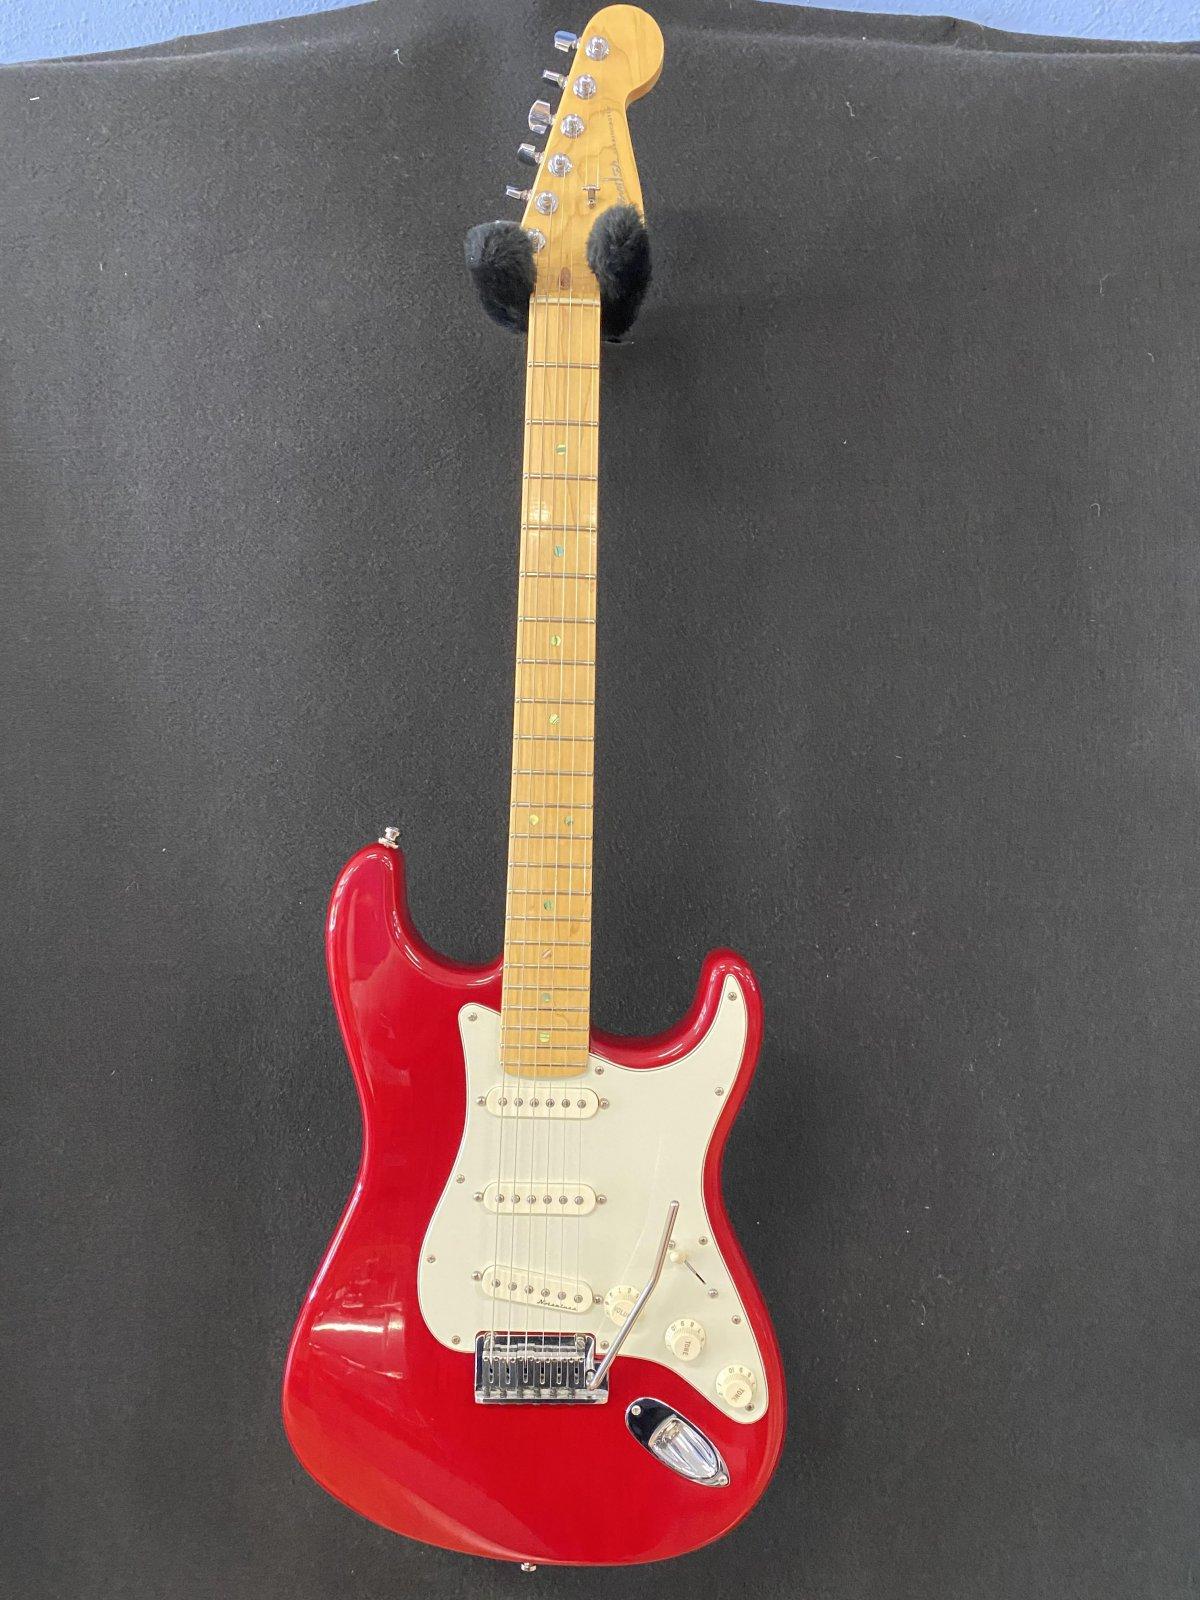 2000 Fender Srtatocaster USA Deluxe